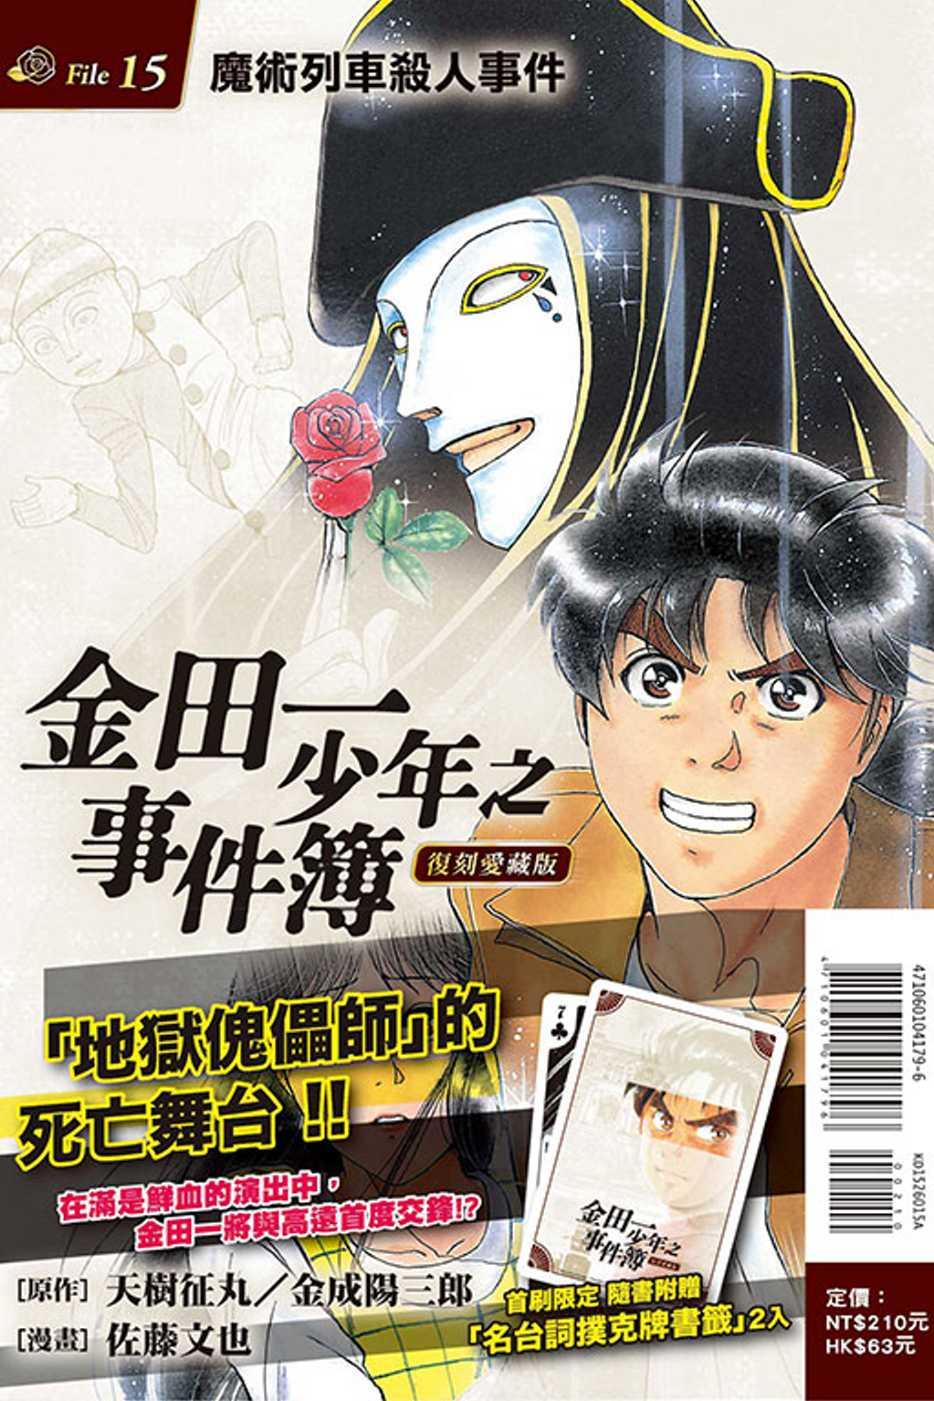 金田一少年之事件簿 復刻愛藏版 15 魔術列車殺人事件 (首刷附錄版)